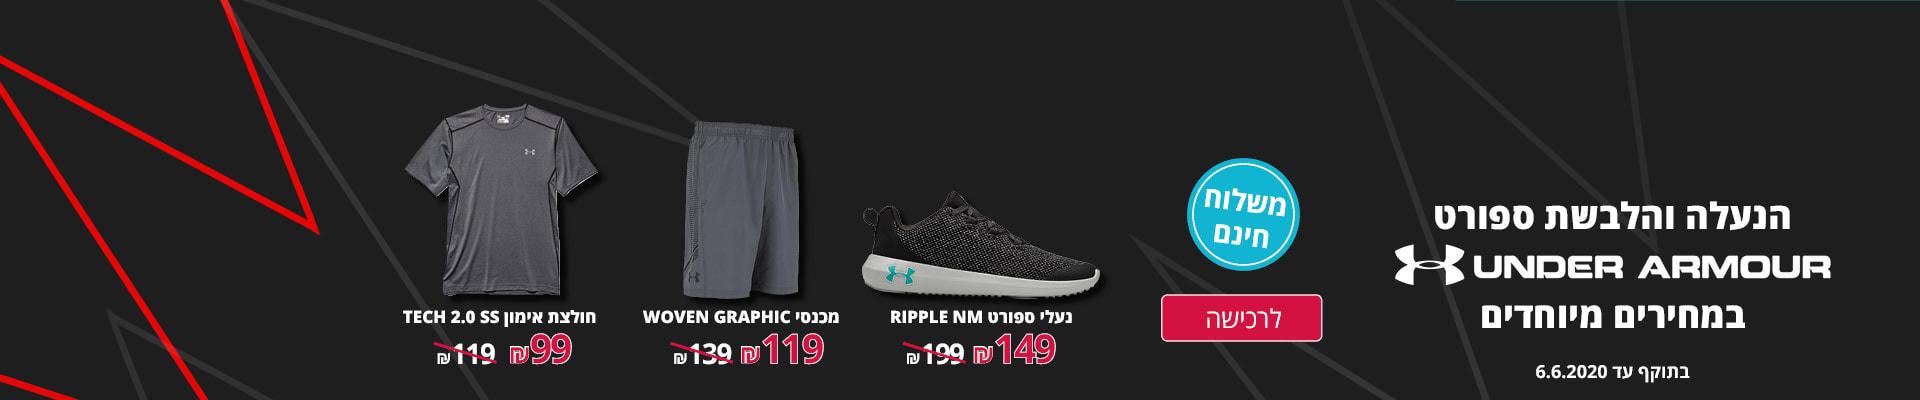 הנעלה והלבשת ספורט  UNDER ARMOUR במחירים מיוחדים ומשלוח חינם: חולצת אימון Tech 2.0 Ss ב-99 ₪, מכנסי Woven Graphic ב-119 ₪, נעלי ספורט Ripple NM ב-149 ₪. בתוקף עד 6.6.2020